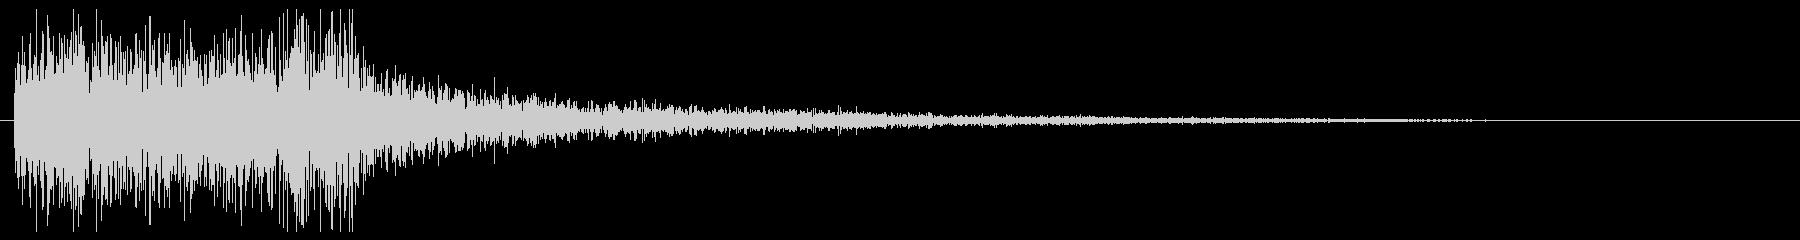 ブラス・ティンパニの場面転換 CMインの未再生の波形